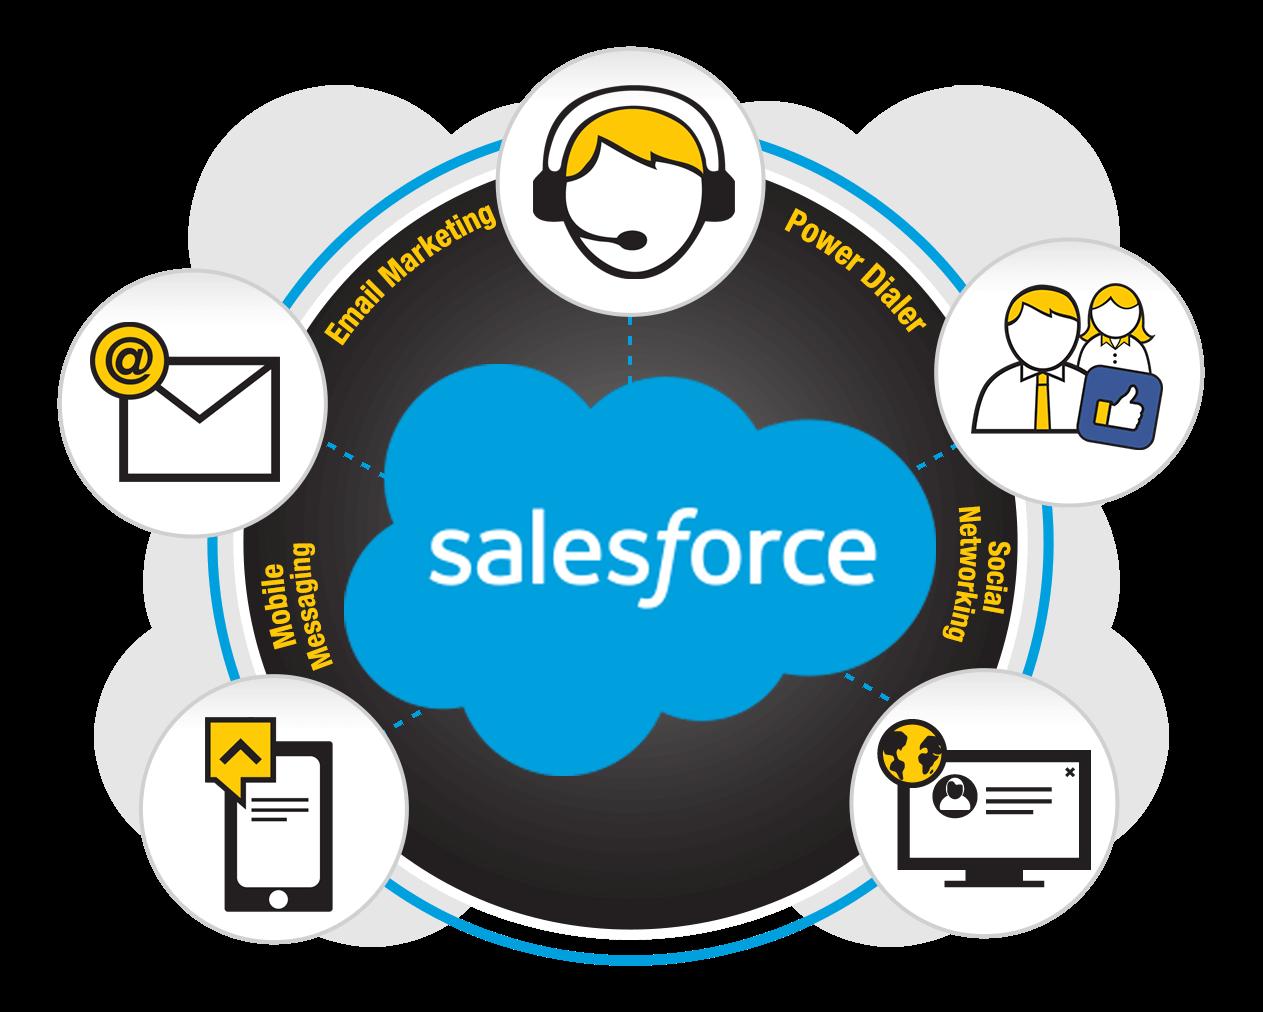 Salesforce DialStream